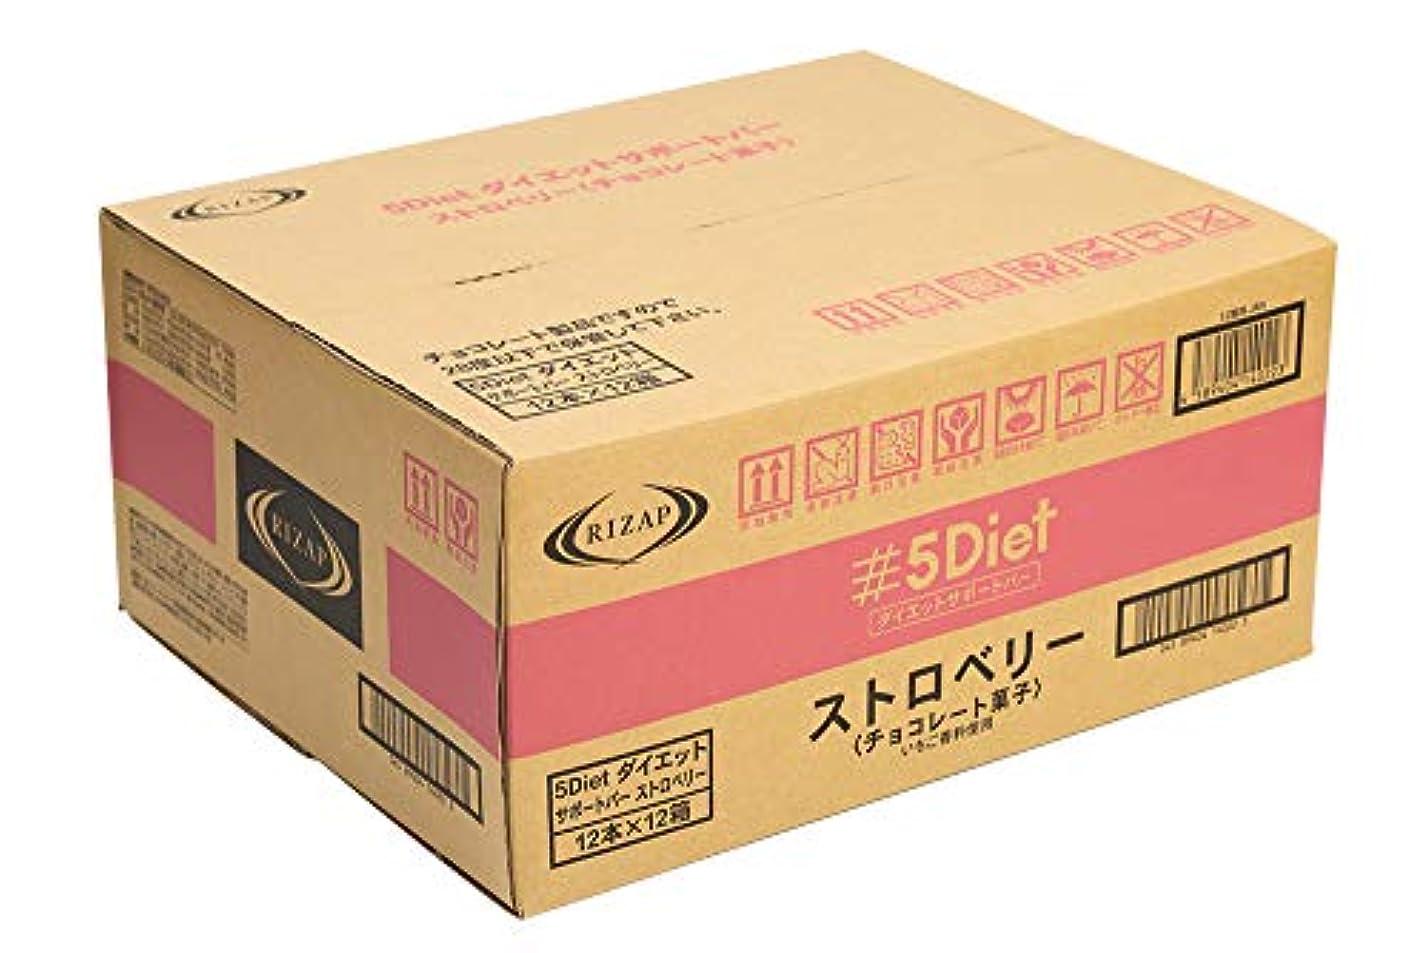 不要船員キルト【ケース販売】RIZAP 5Diet サポートバー ストロベリー味 12本入×12箱